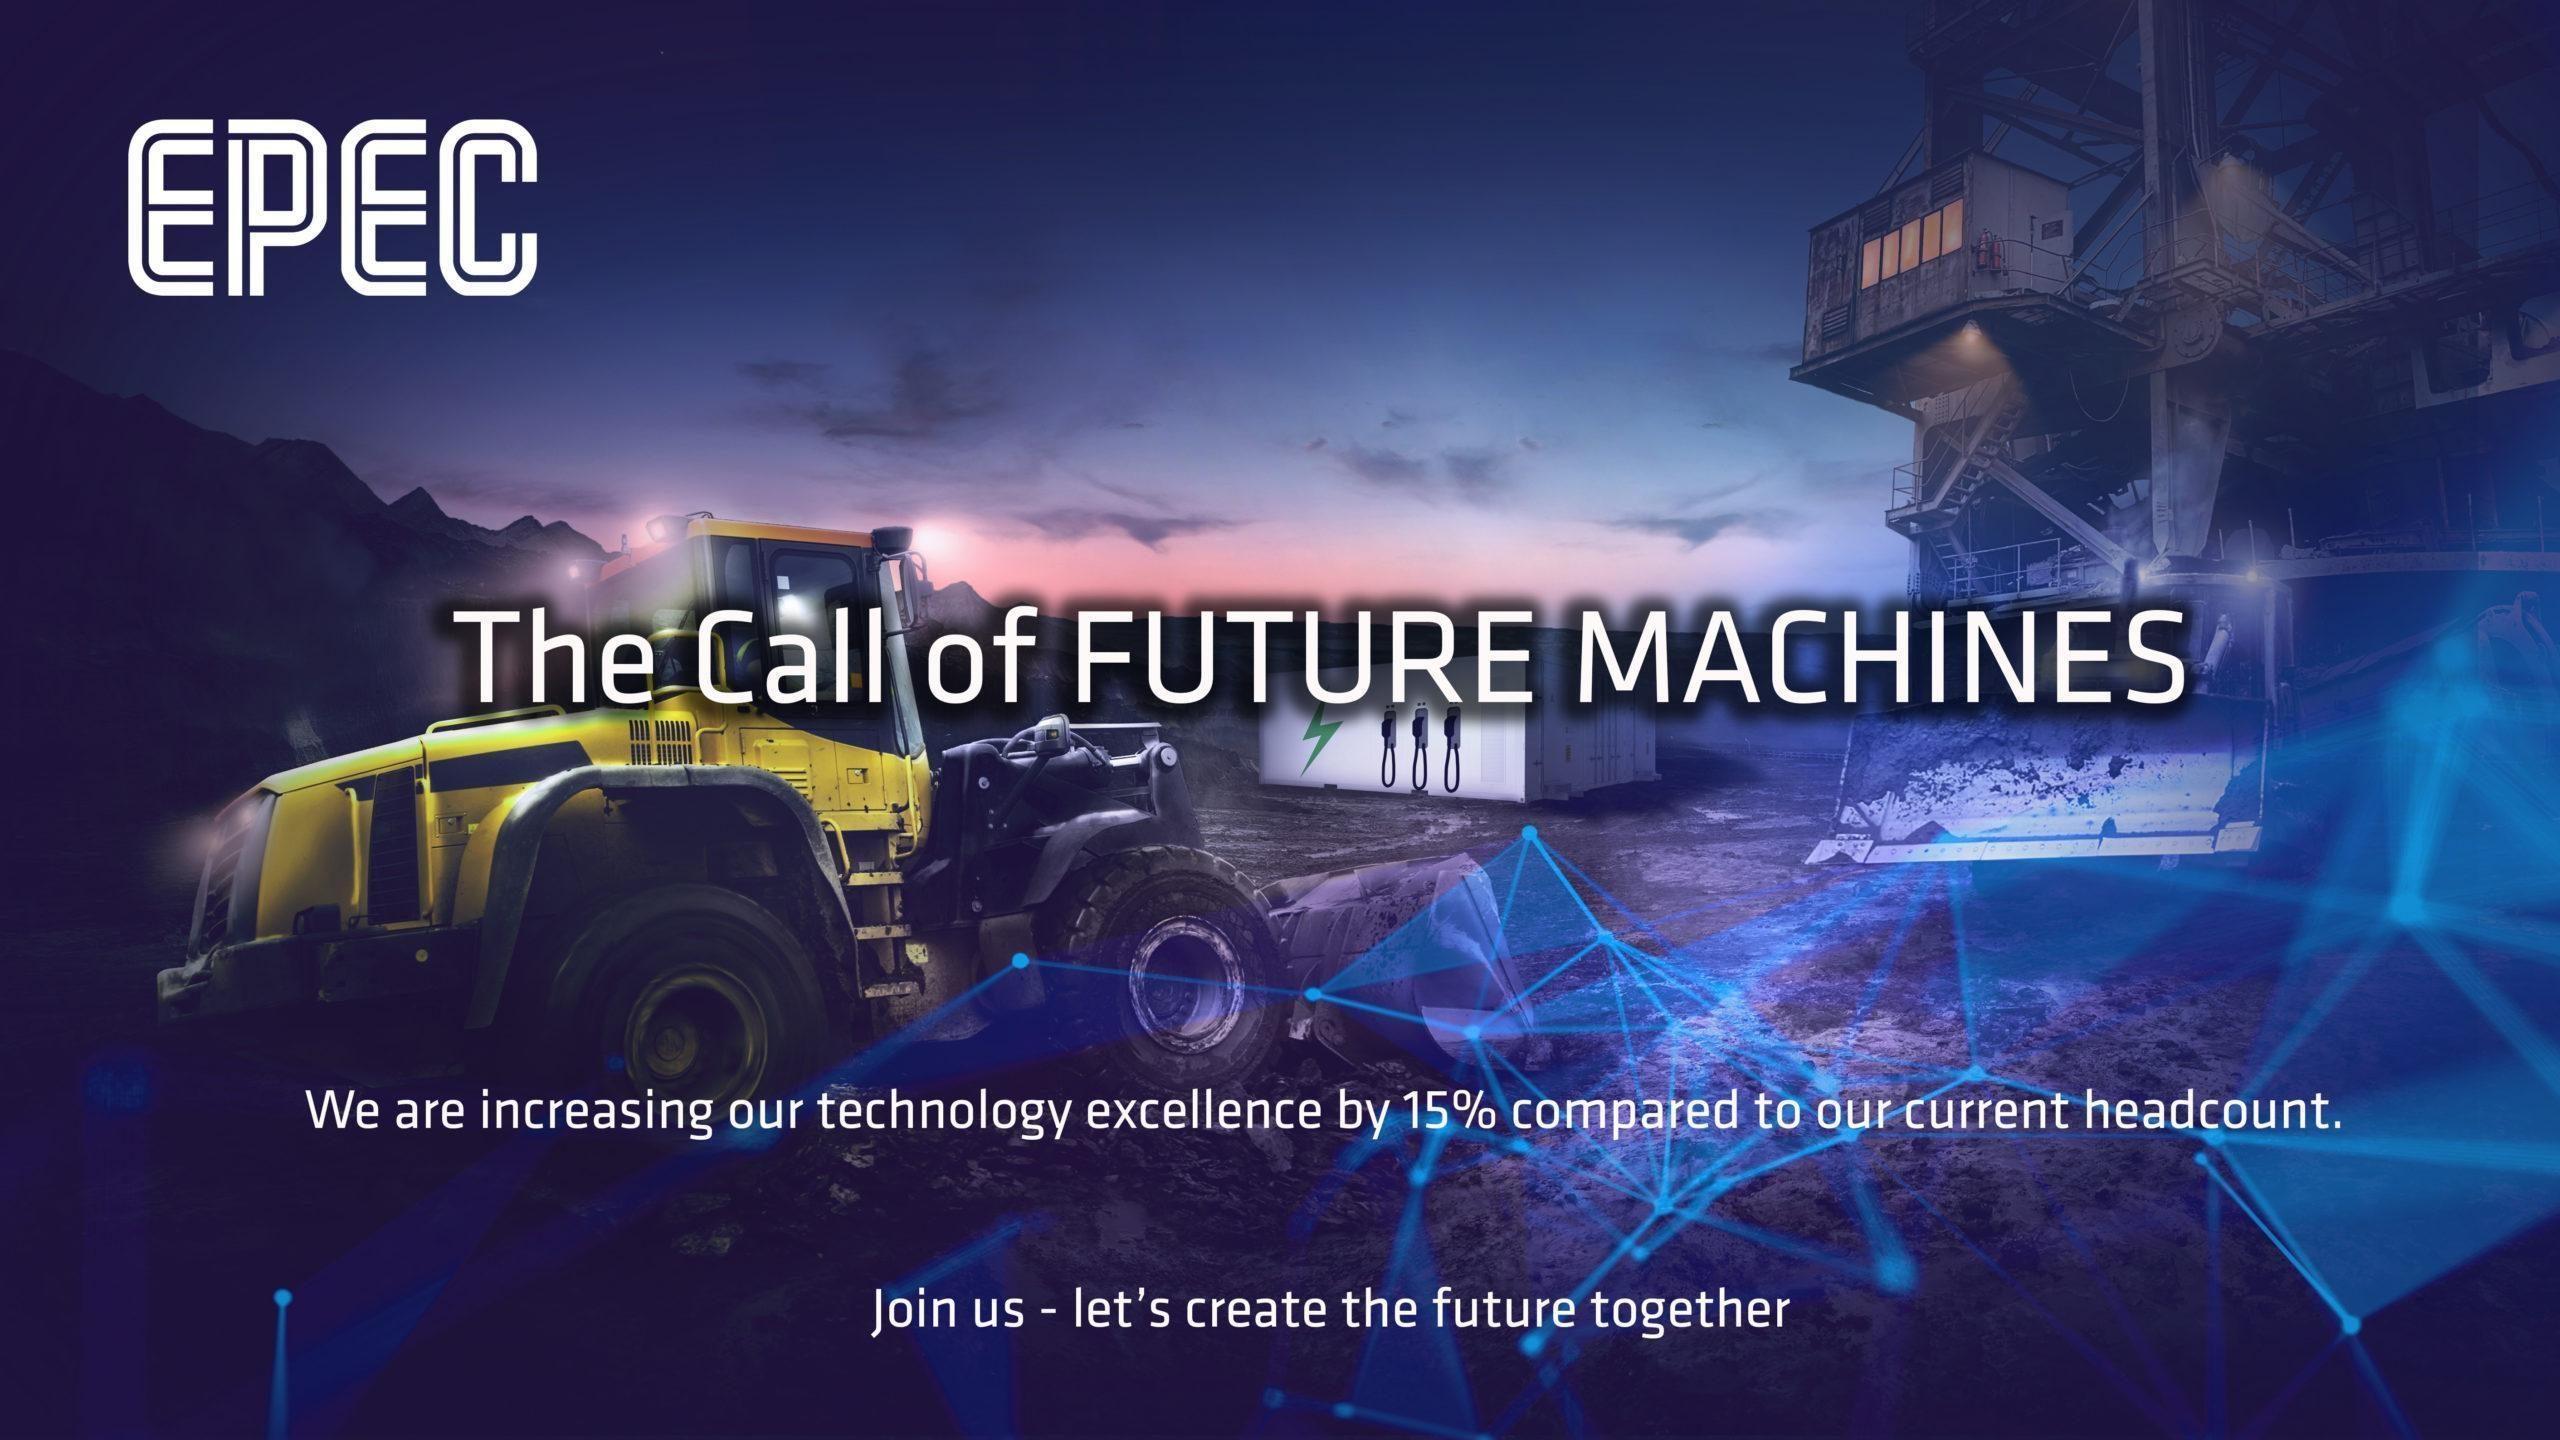 Ponssen teknologiayhtiö Epec laajentaa toimintaansa – laajat rekrytoinnit liikkeelle tänään